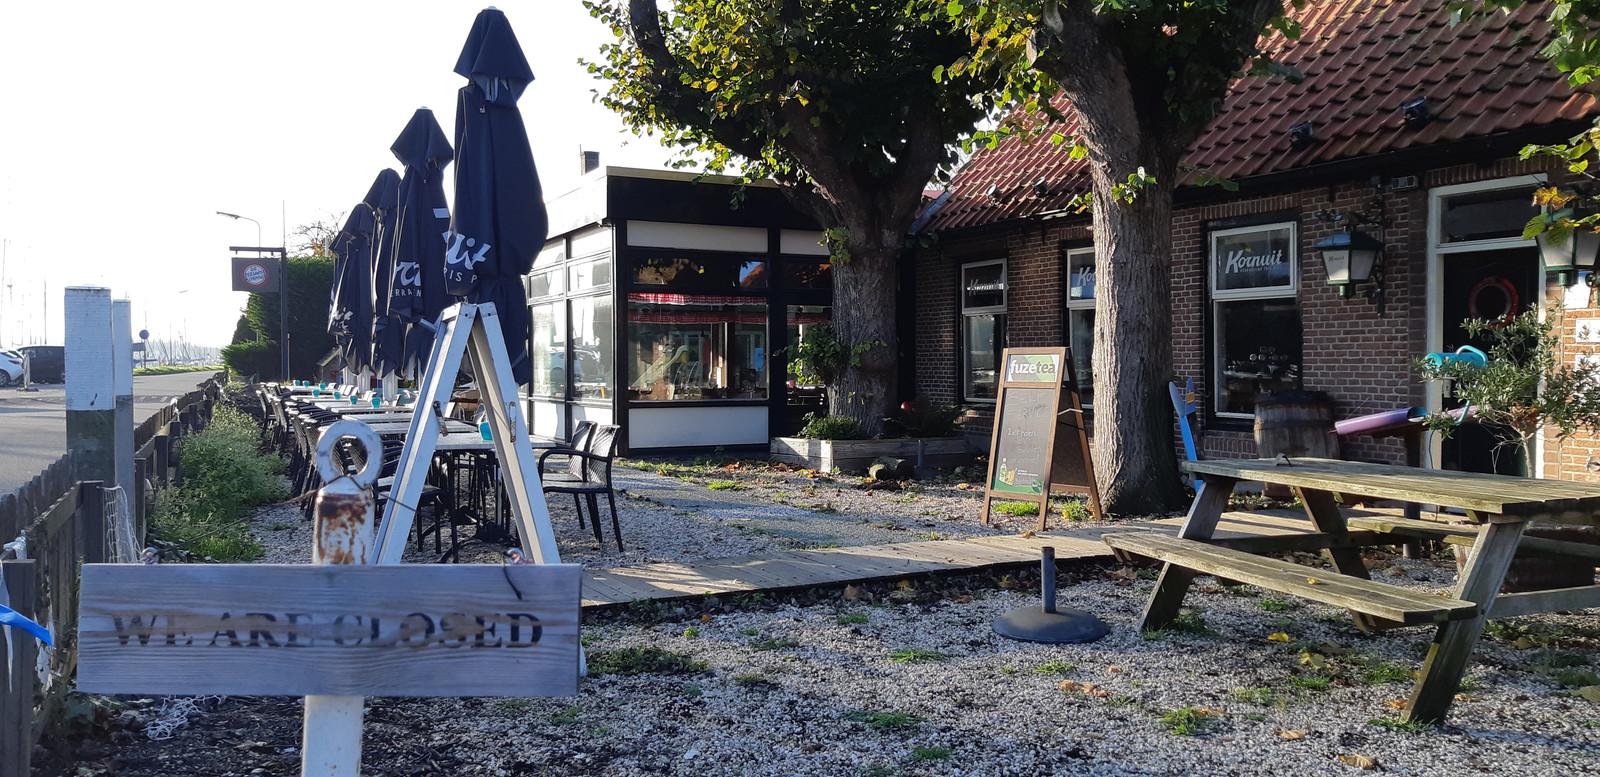 Hansa Watersport & Recreatie heeft het café-restaurant gekocht. De eetgelegenheid gaat weer open zodra er een geschikte uitbater is gevonden.